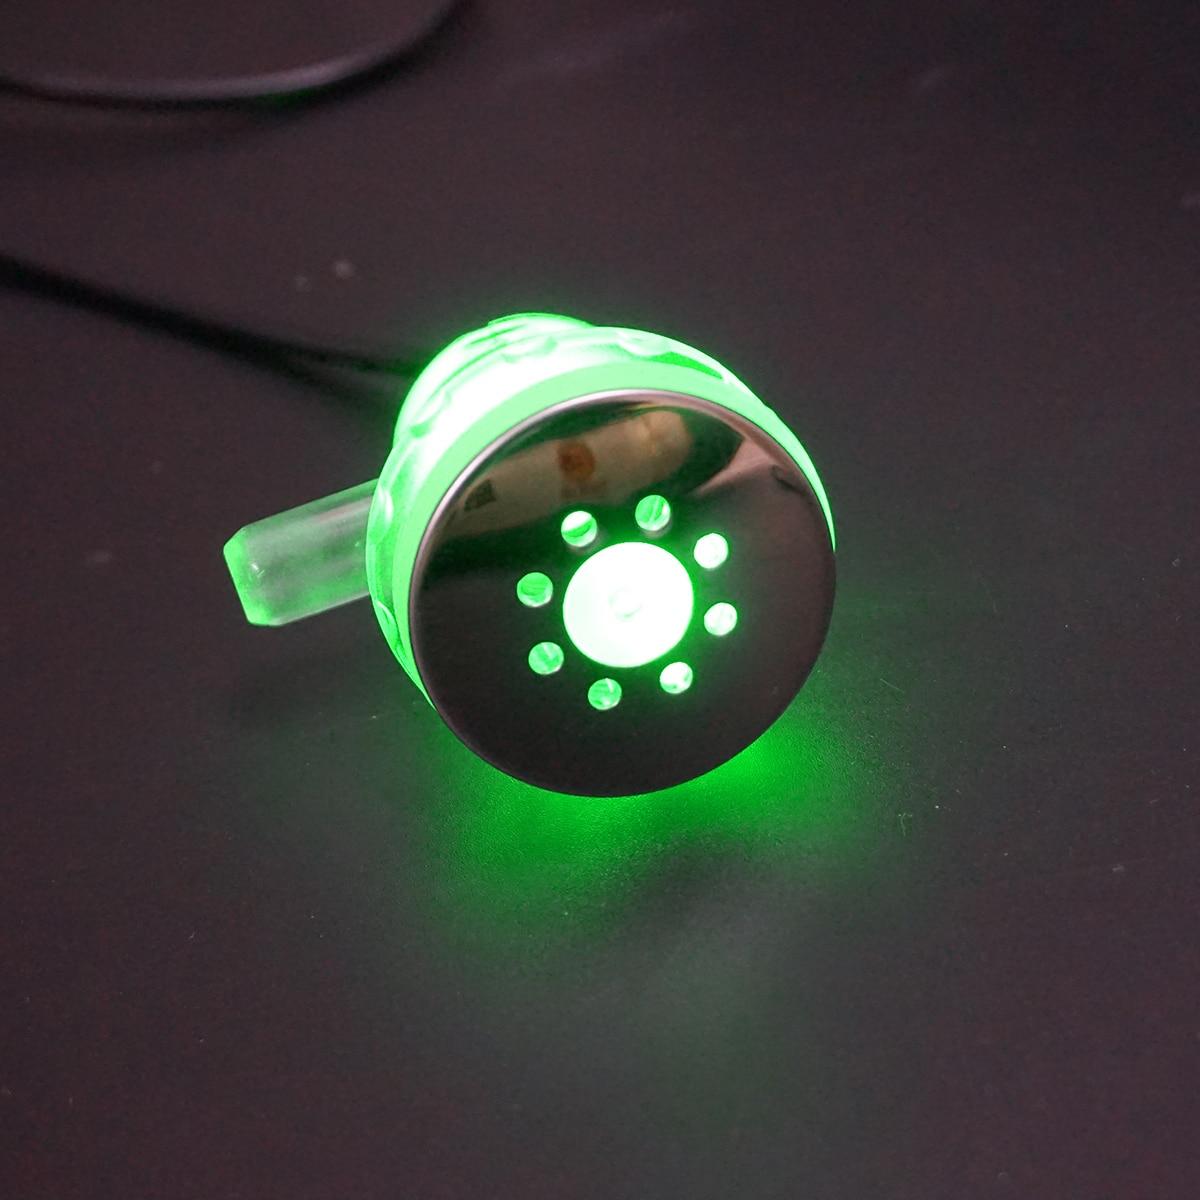 Led Lamps Hot Tub Underwater 12v Solar Light Submersible Led Light For Spa Pool Yz-1331-05 Agreeable To Taste